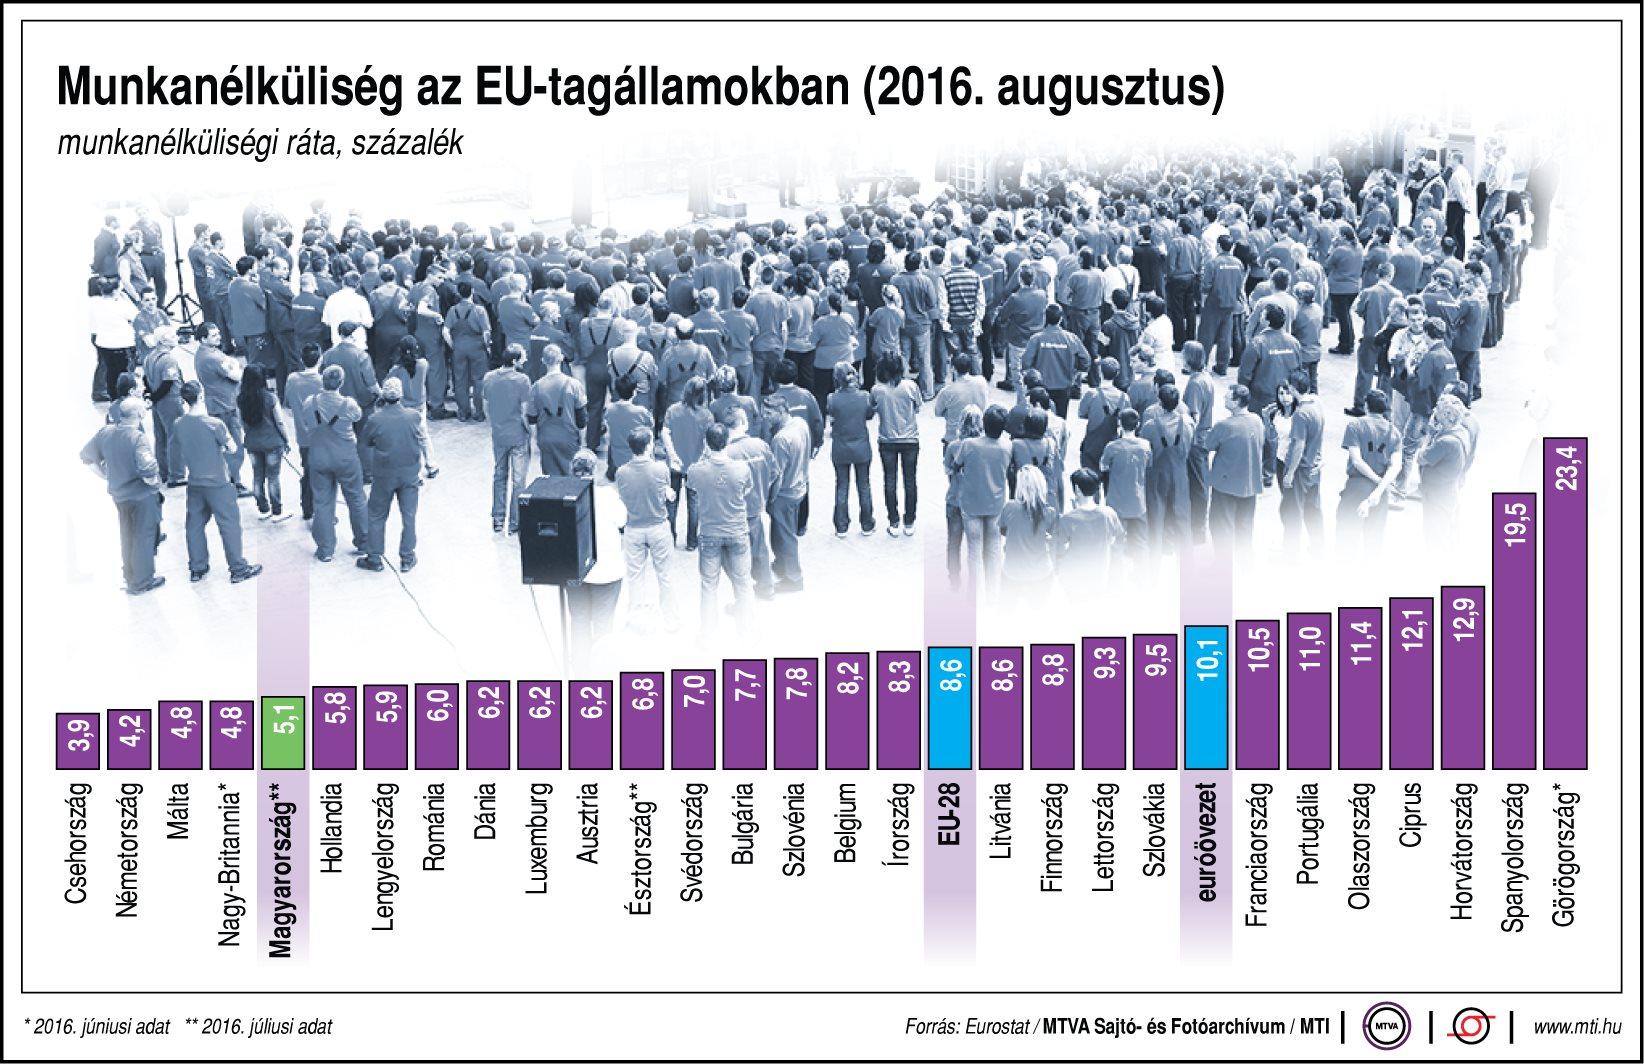 Munkanélküliség az EU-ban - ábra